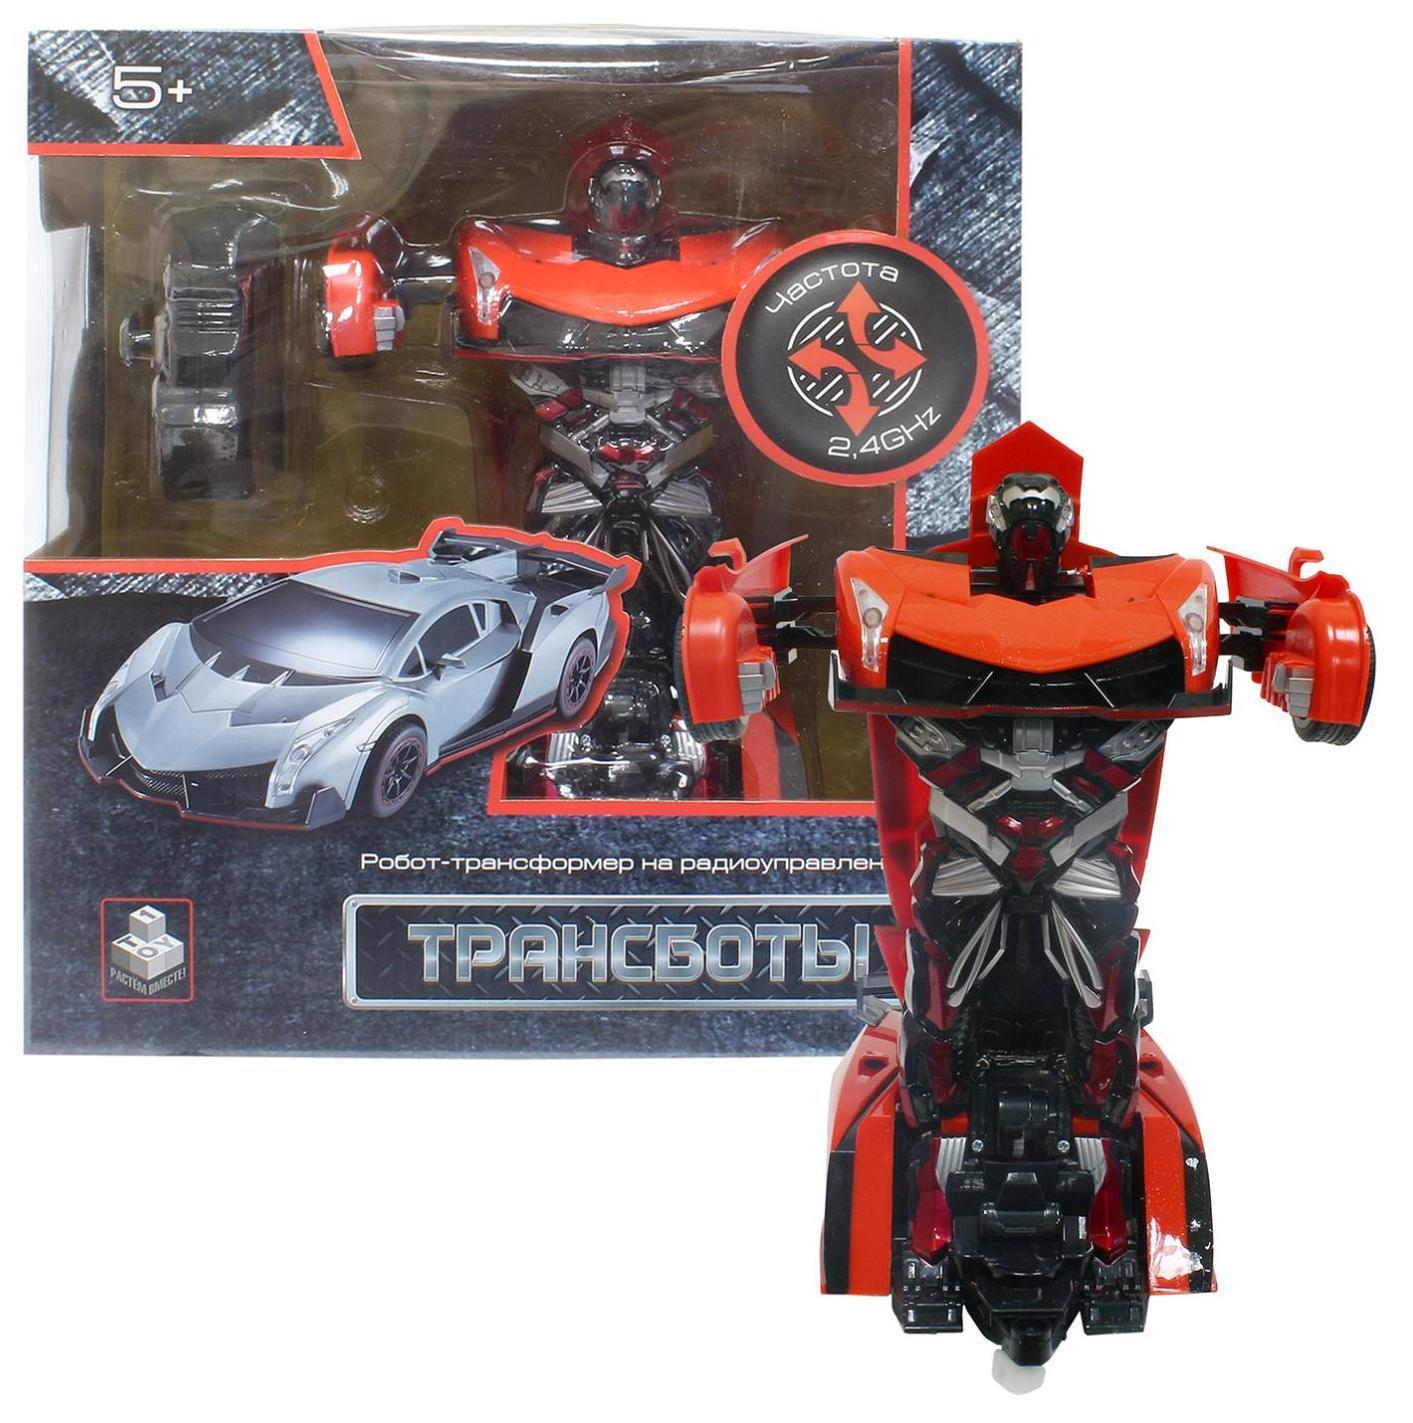 Купить 1TOY Трансботы - Спорткар - робот-трансформер на пульте | оранжевый, Китай